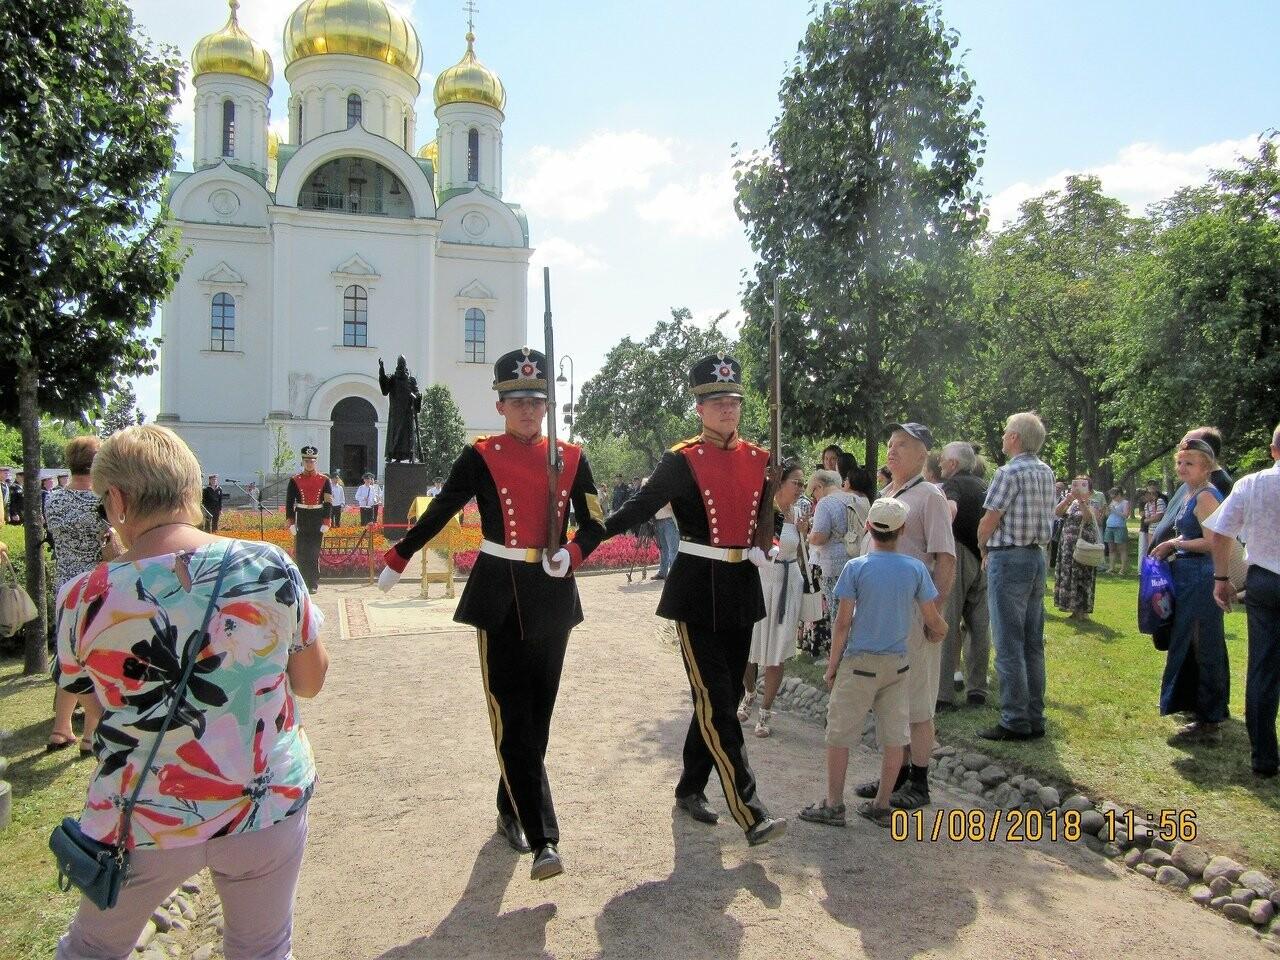 В Пушкине торжественно открыли памятник Великой войне «1914 год», фото-2